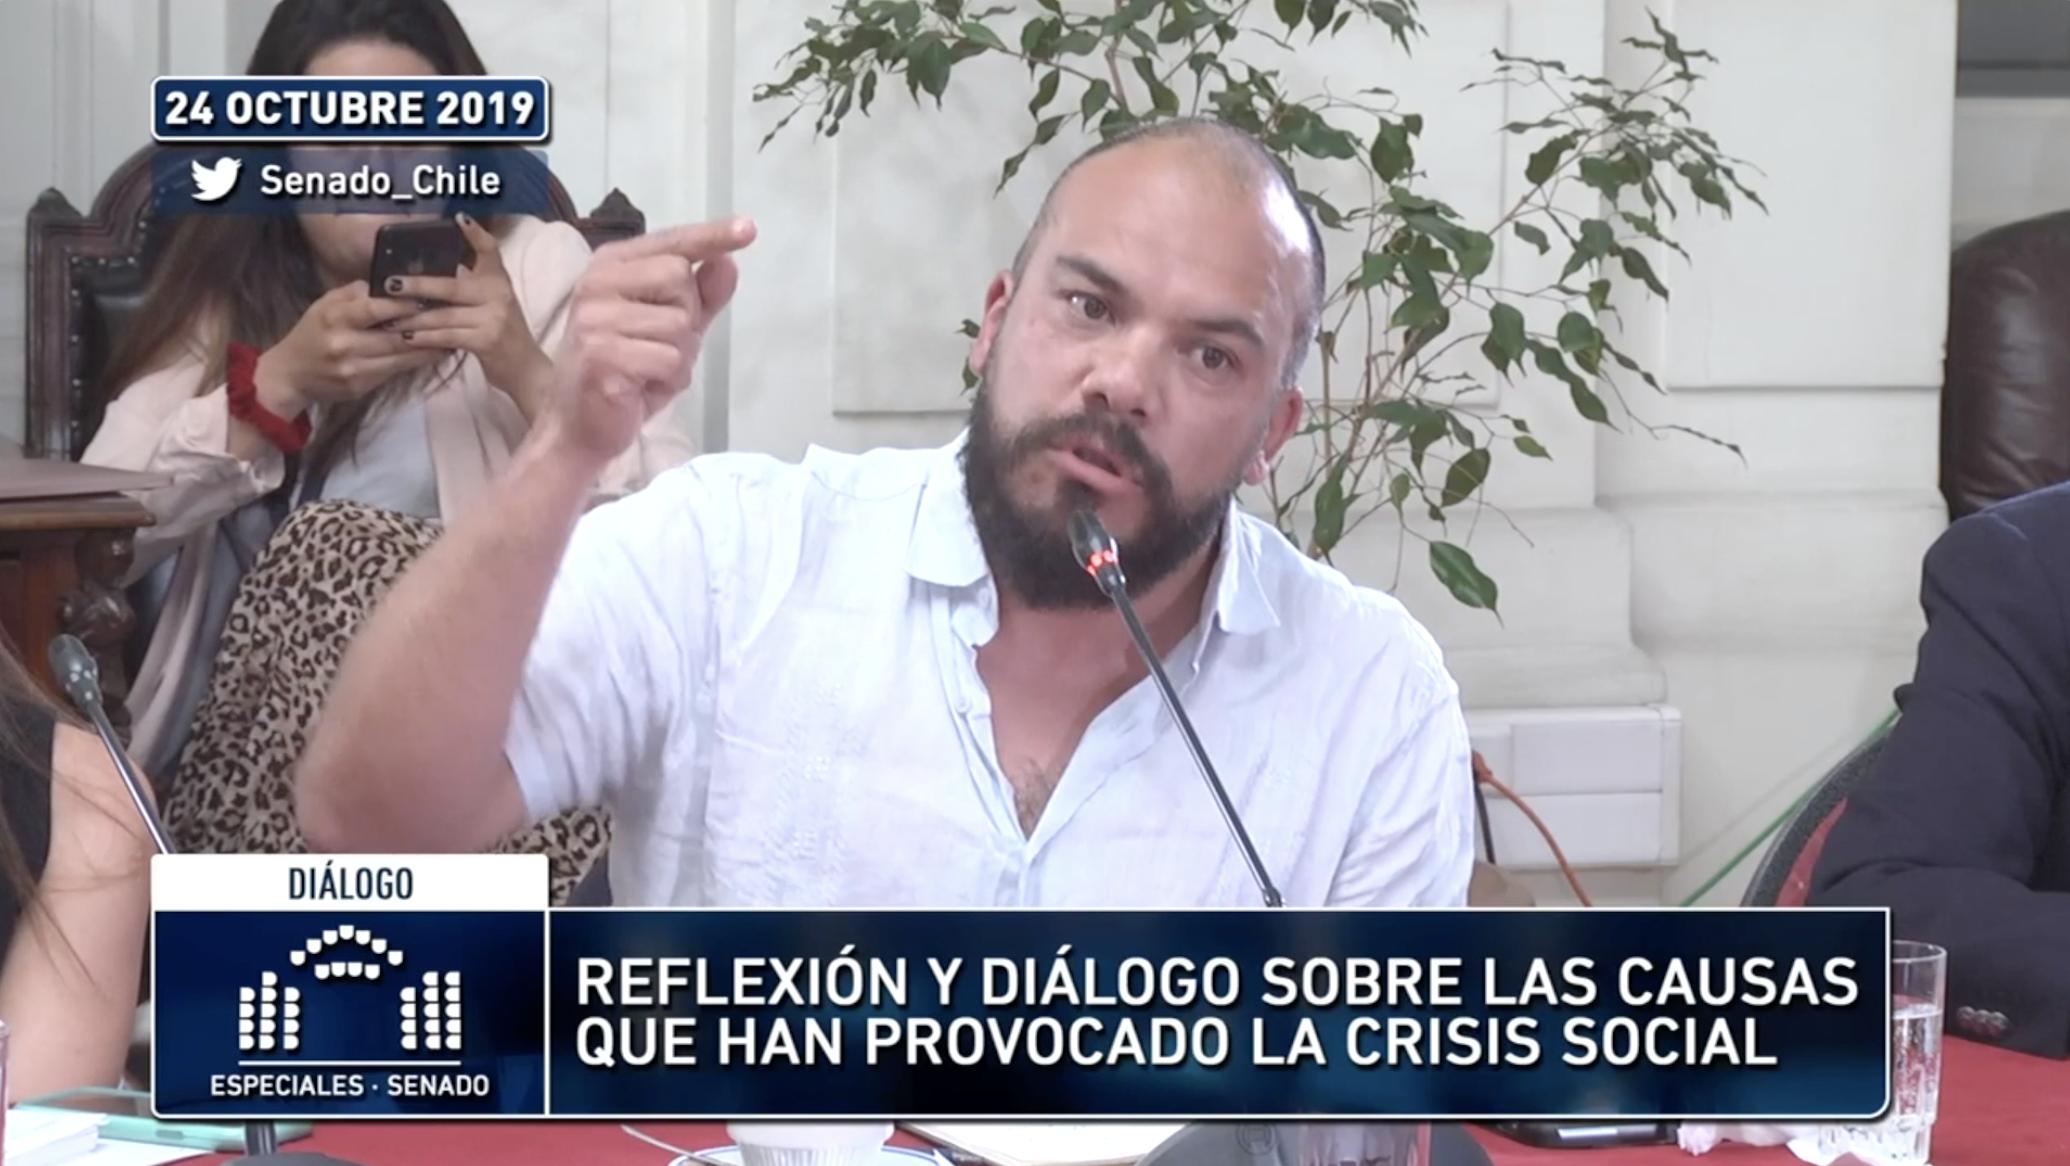 Interpelación al Senado: desigualdad y responsabilidades políticas en un Chile que no quiere volver a esa desigual normalidad